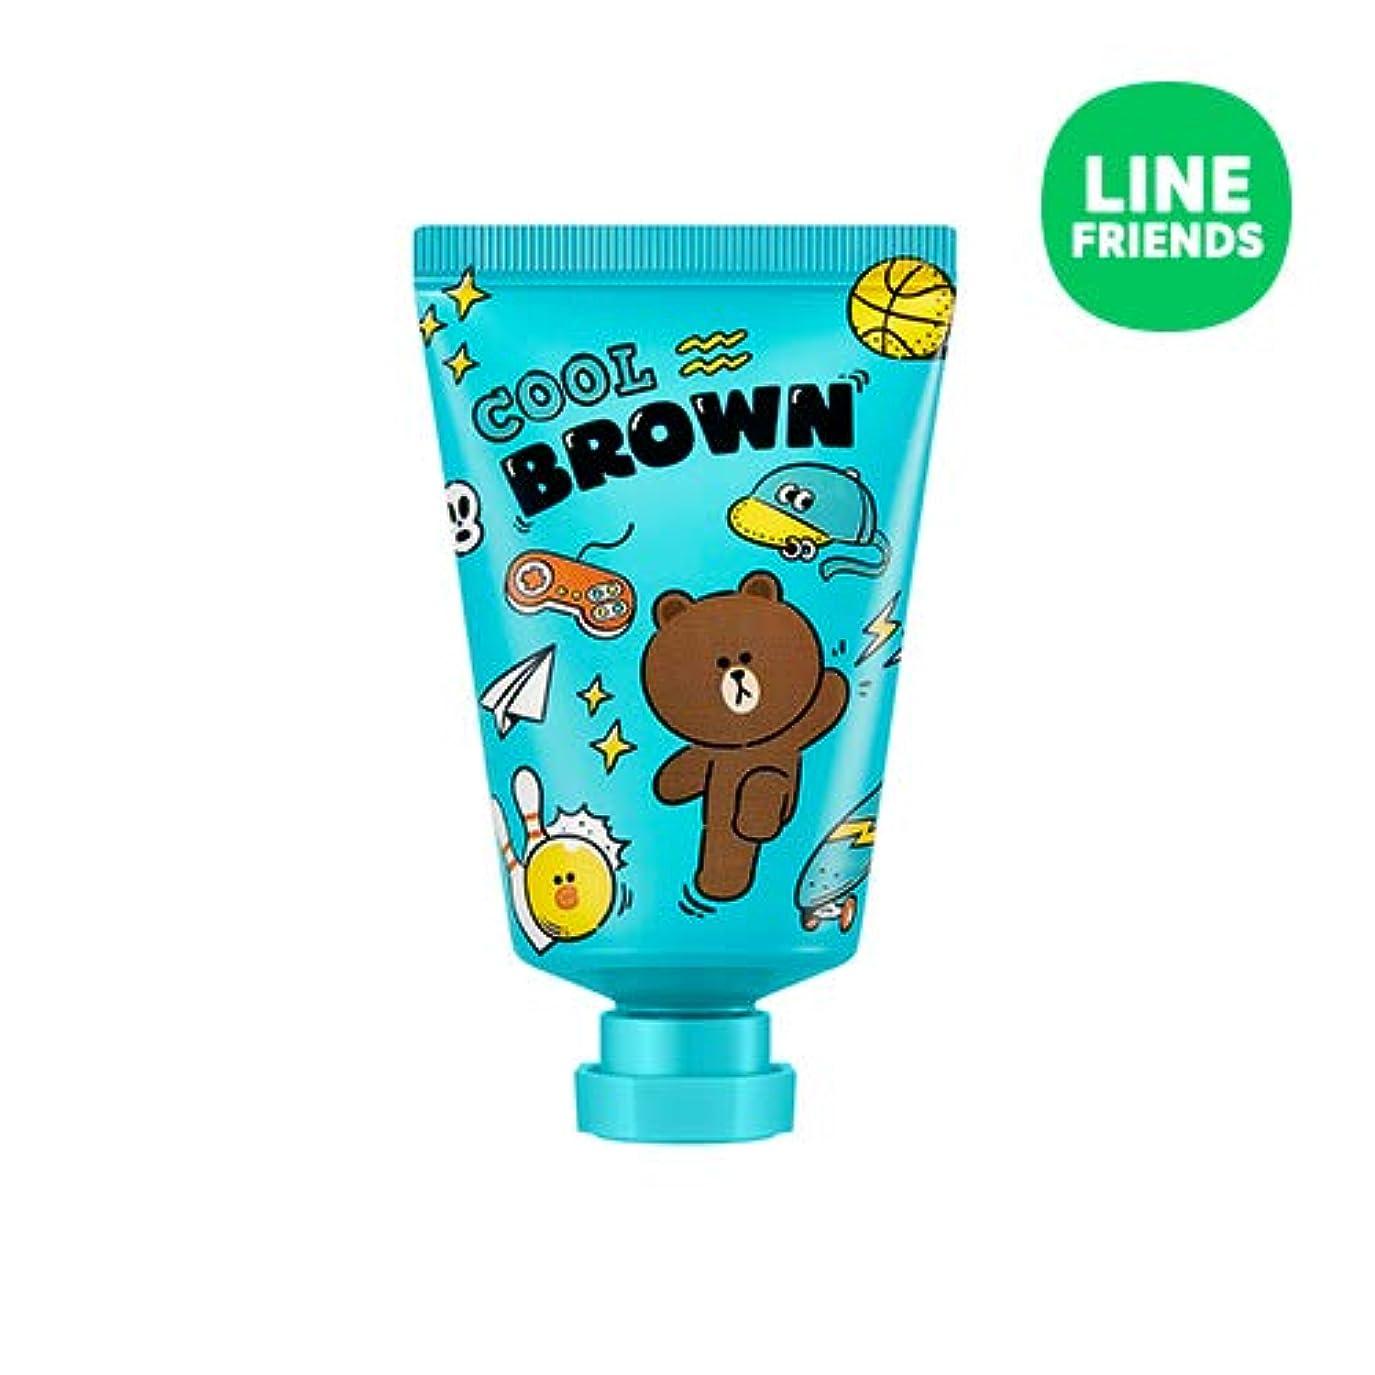 光景機密異形ミシャ(ラインフレンズ)ラブシークレットハンドクリーム 30ml MISSHA [Line Friends Edition] Love Secret Hand Cream - Brown # Grapefruit [並行輸入品]